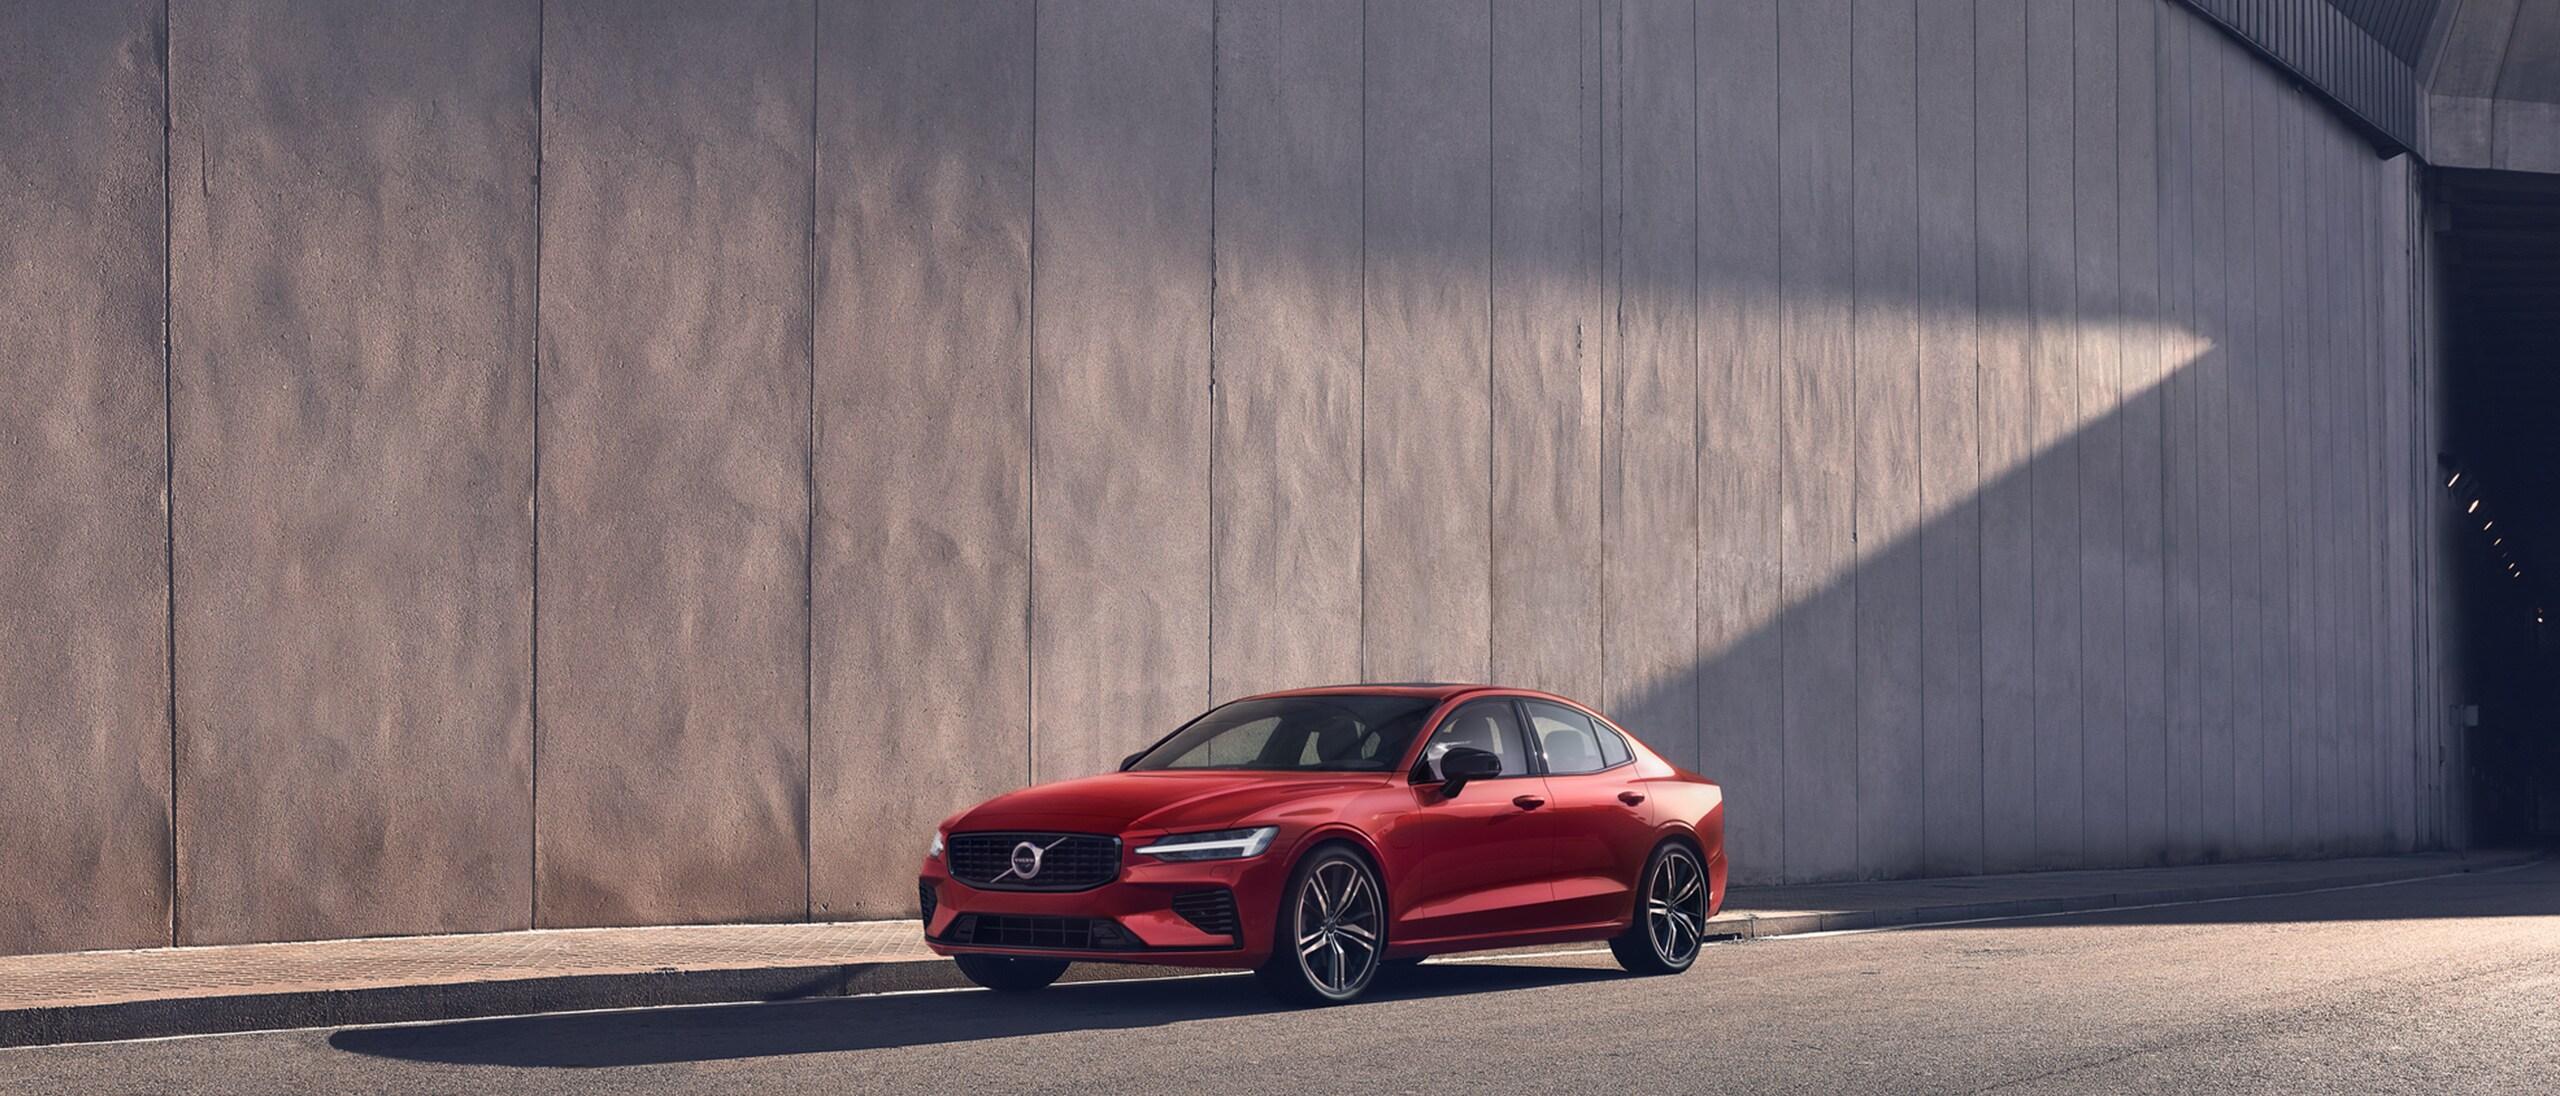 Une Volvo S60 Recharge rouge stationnée devant un mur beige